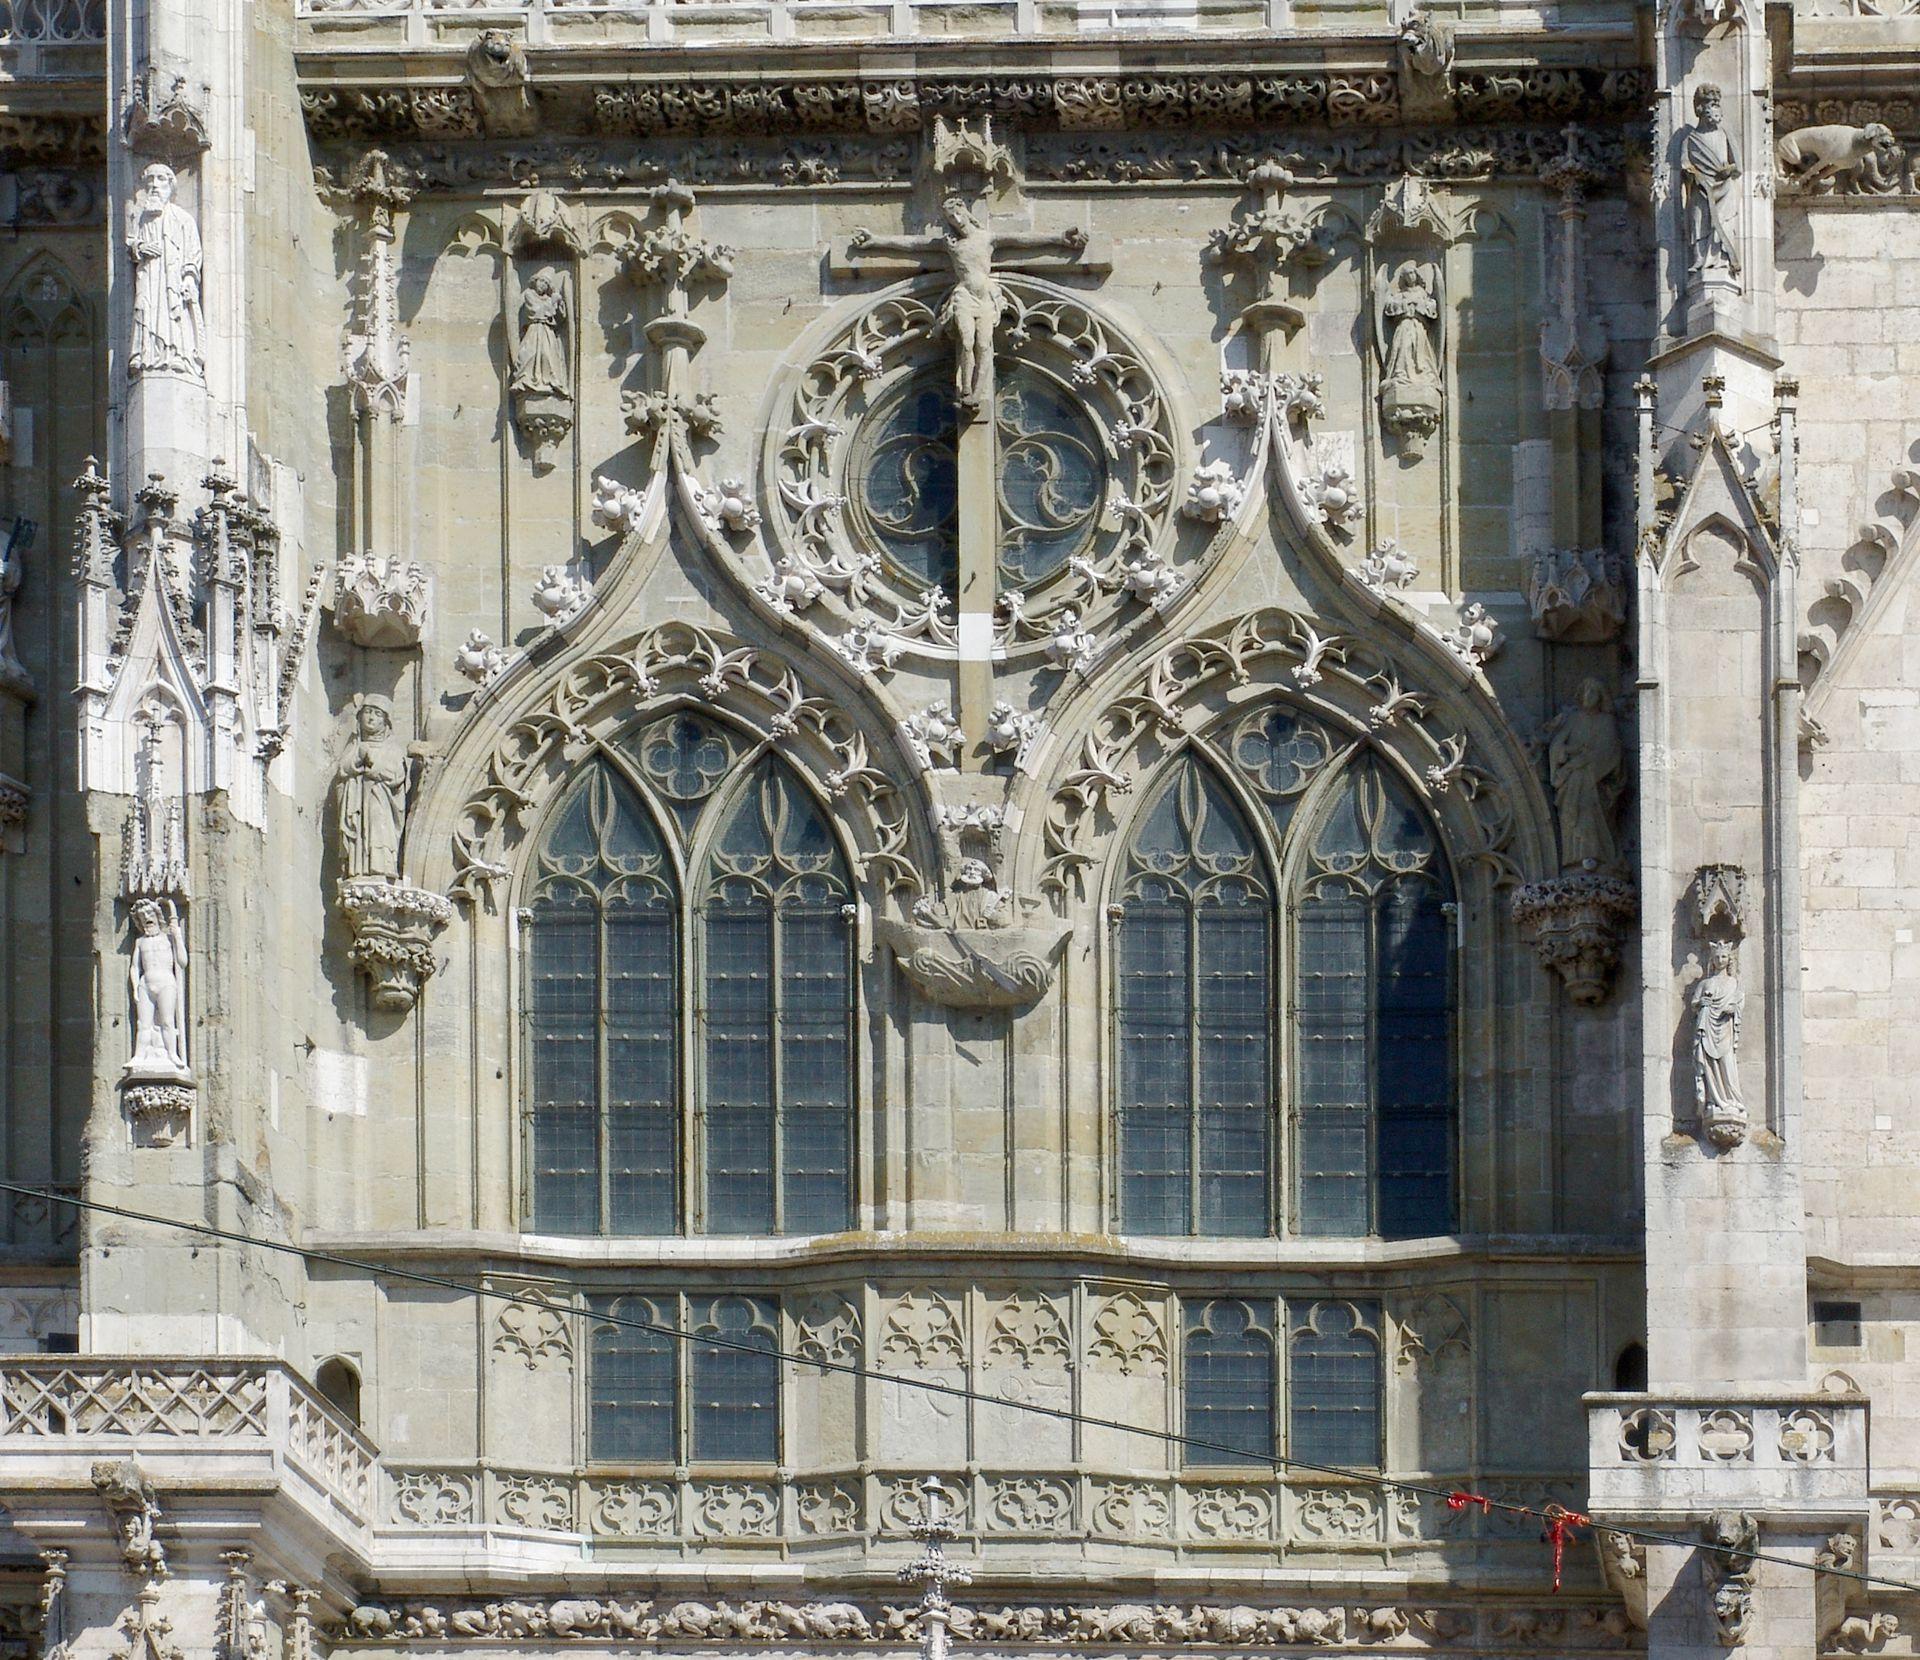 Obergeschoss der Mittelachse am Regensburger Dom Obergeschoss der Mittelachse